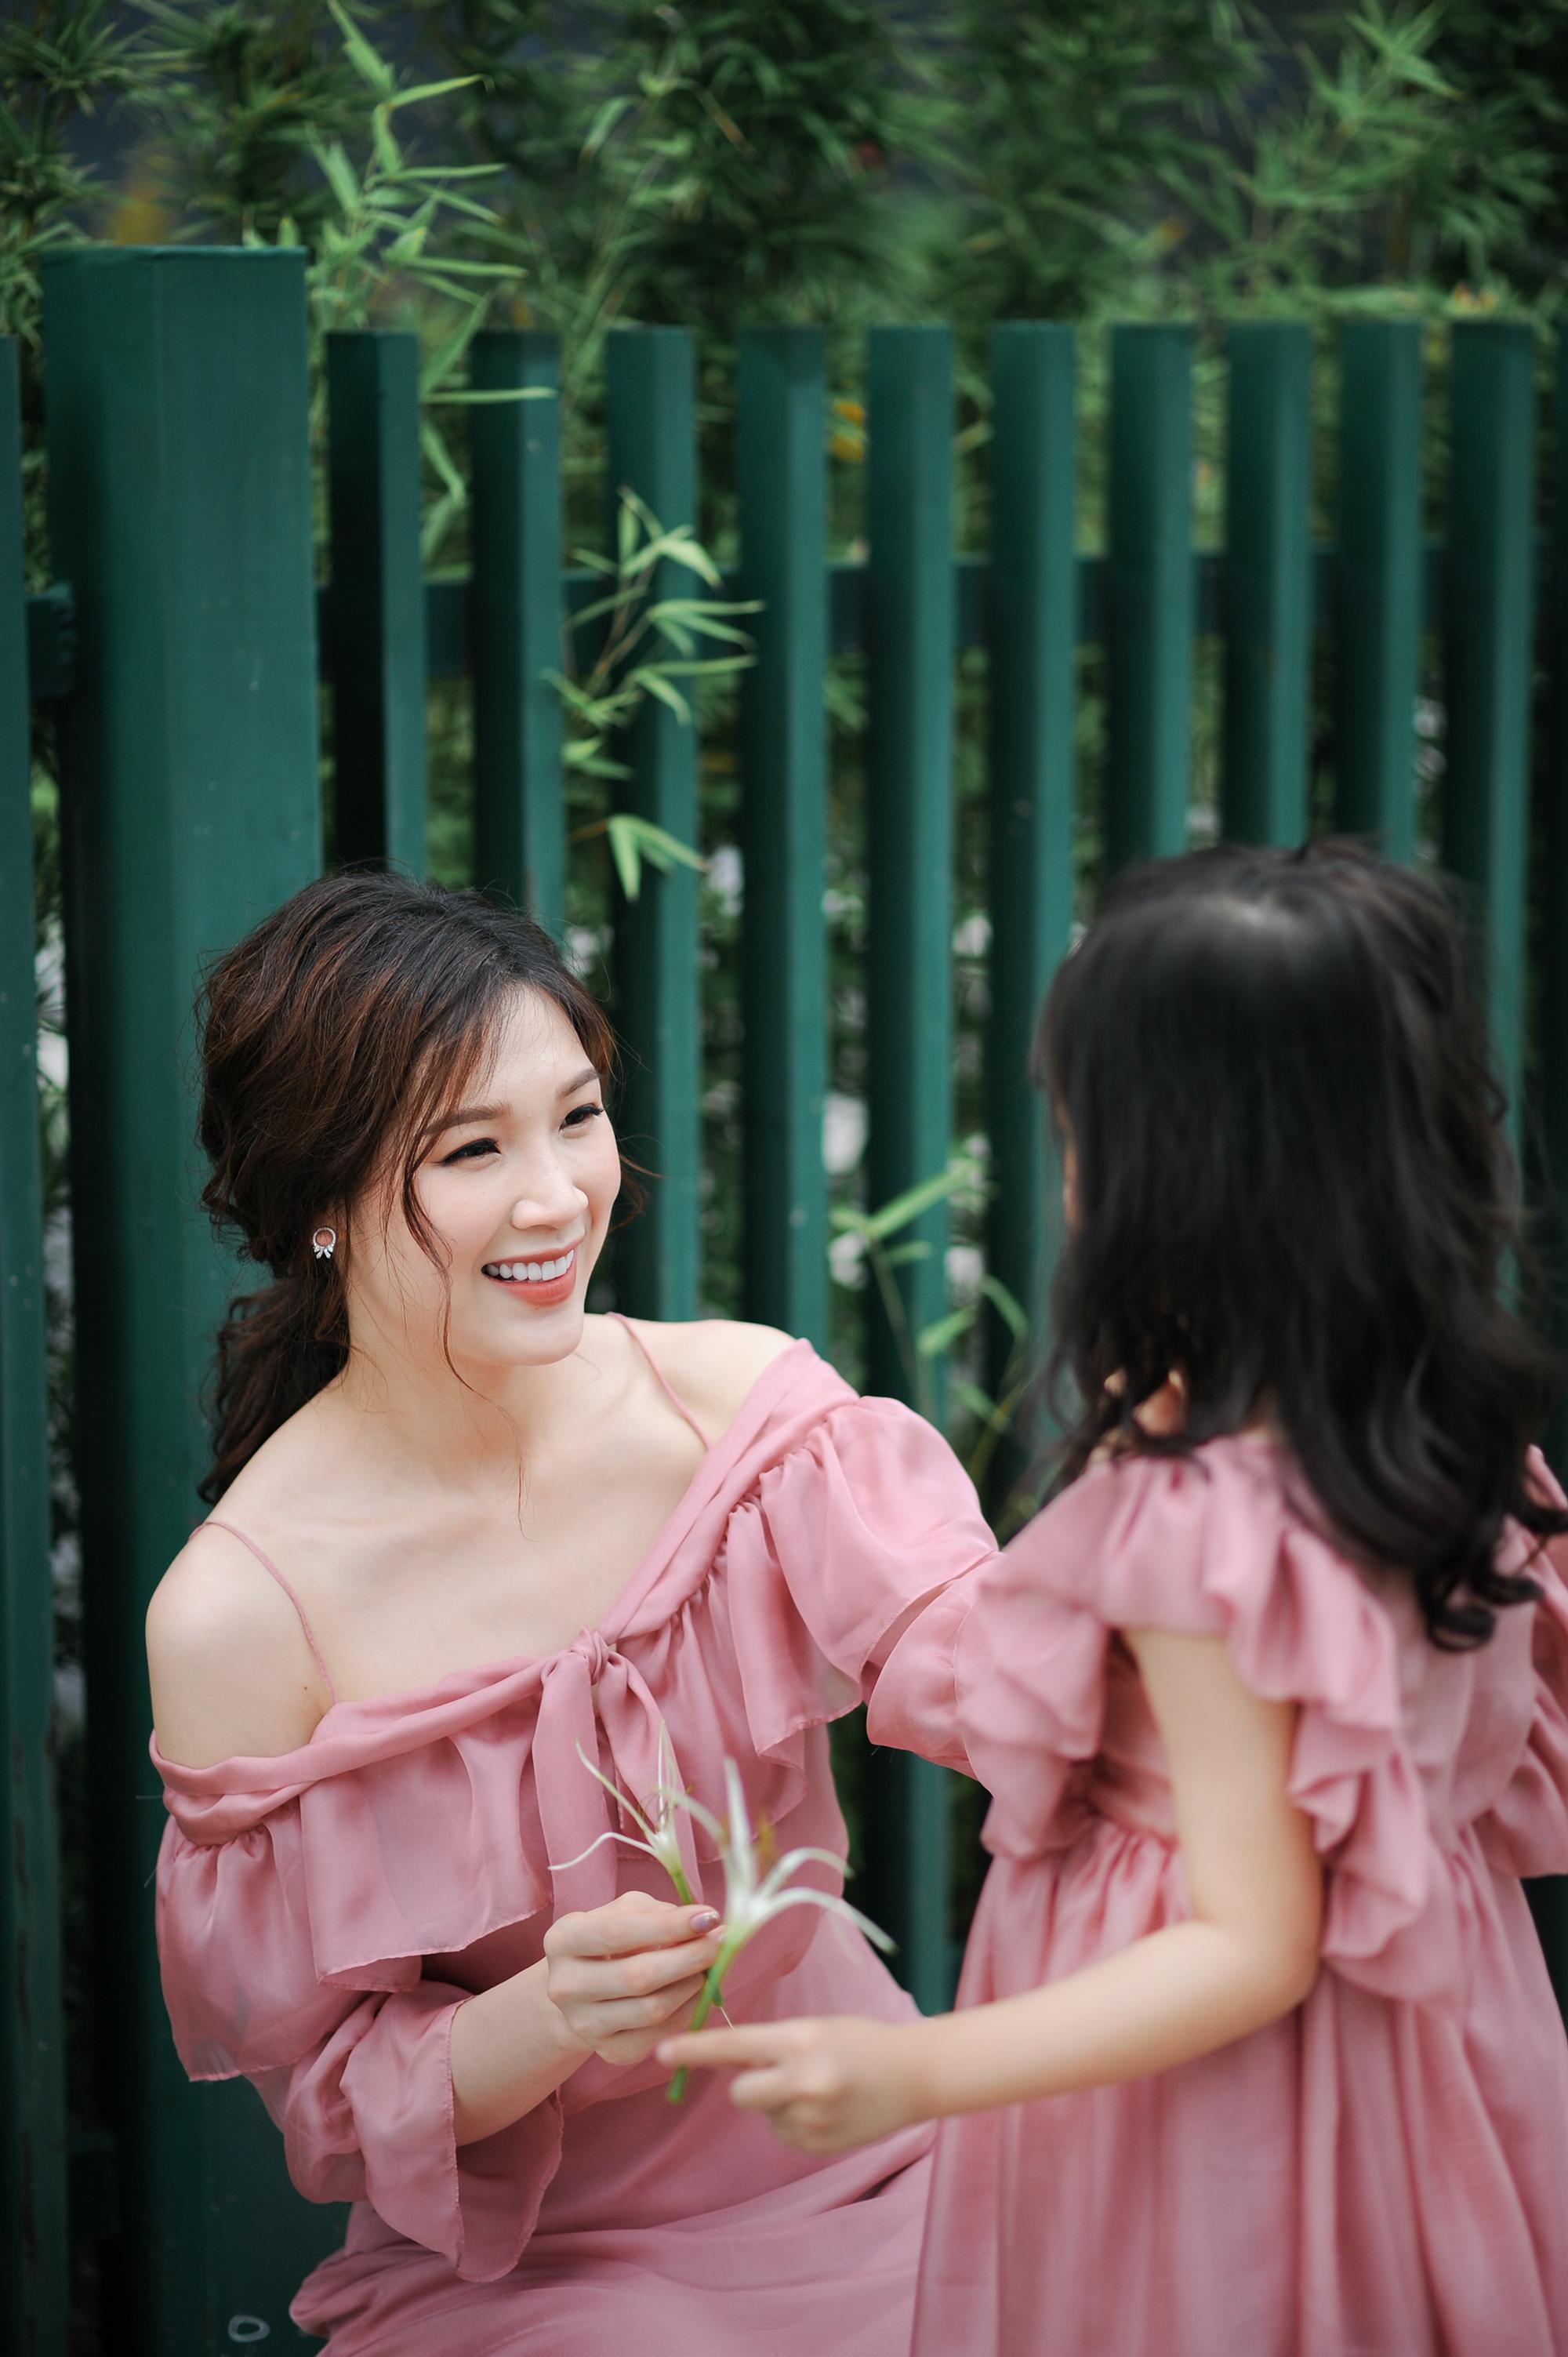 Dọa bị sảy thai, từng bị băng huyết, Hoa hậu Phí Thùy Linh vẫn ước ao sinh thêm con - Ảnh 10.